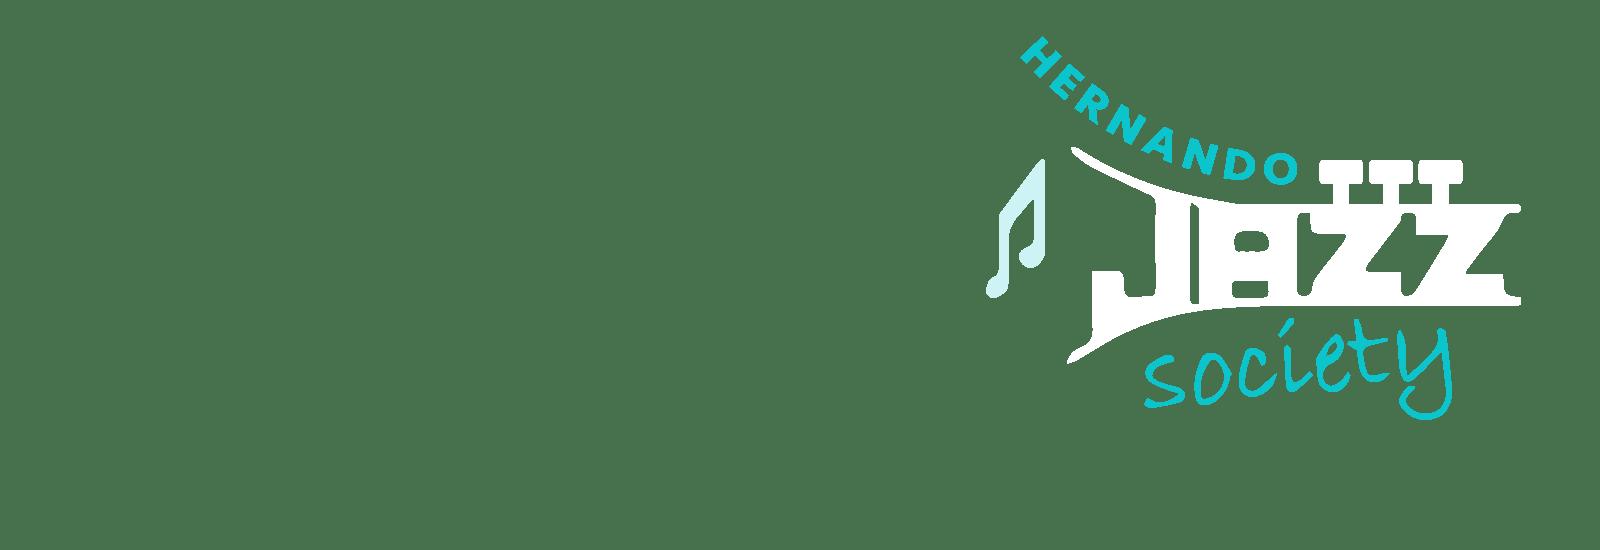 Hernando Jazz Society Logo